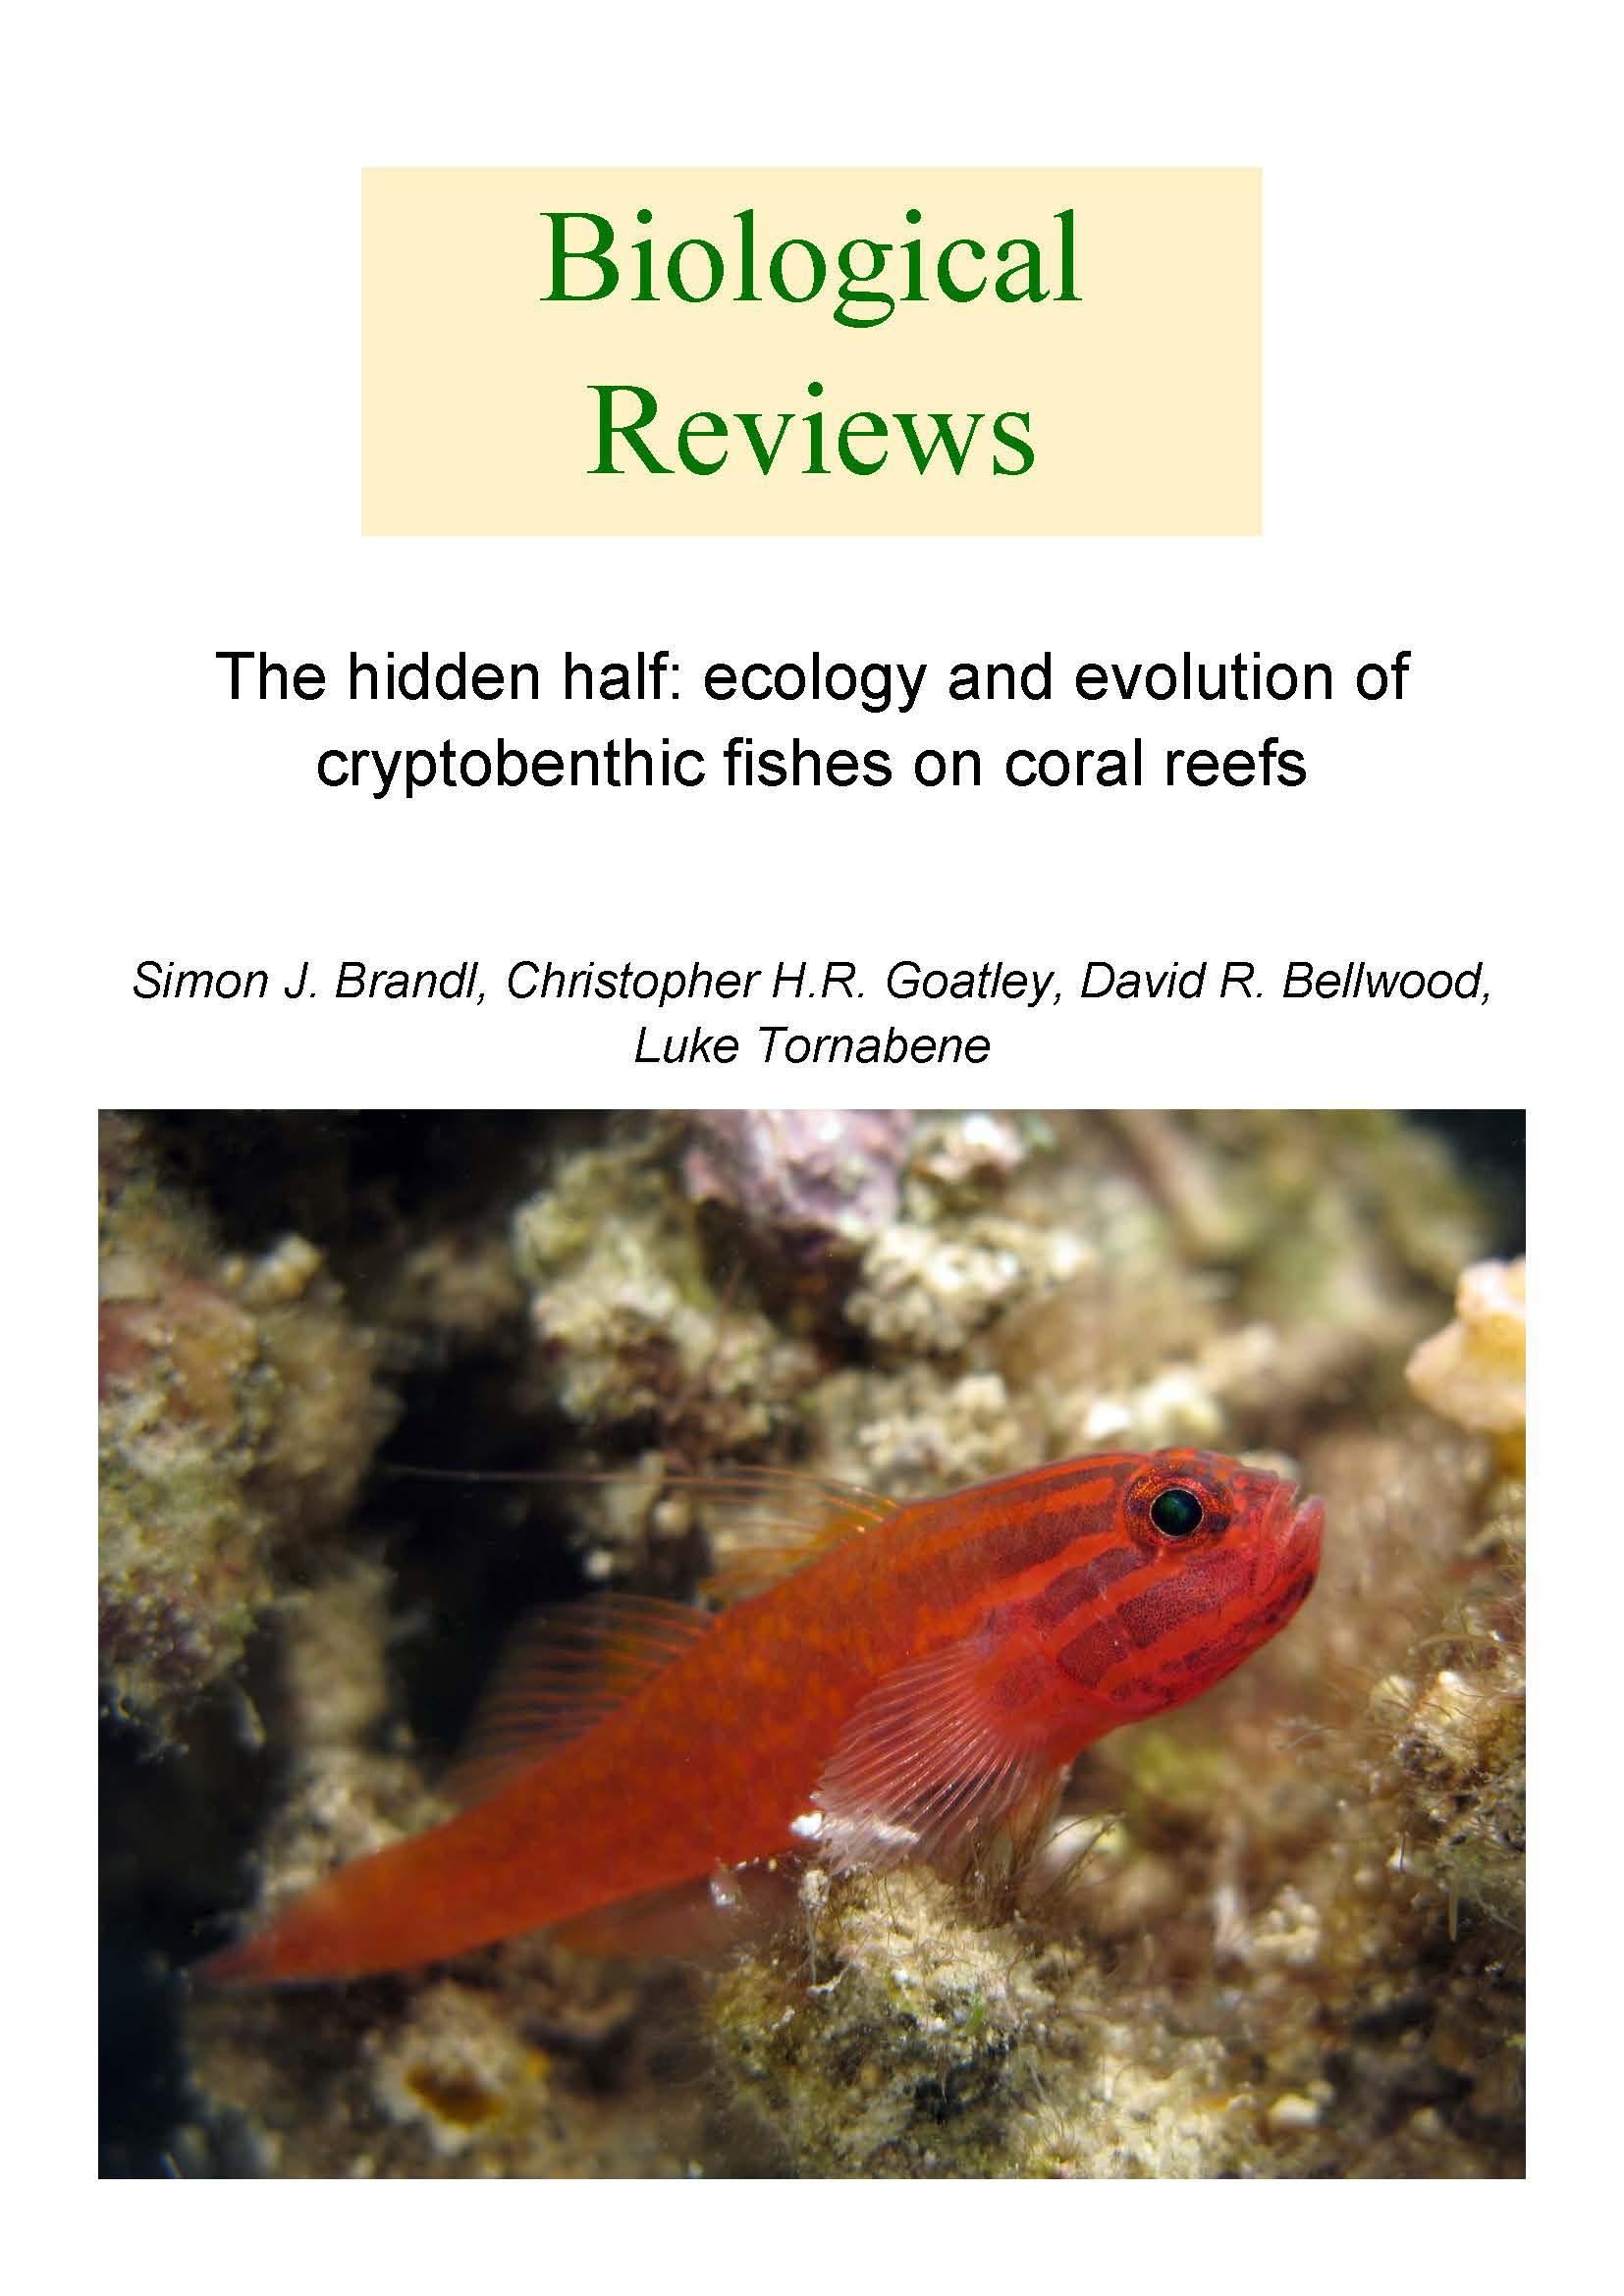 Brandl et al. 2018 (Biological Reviews).jpg